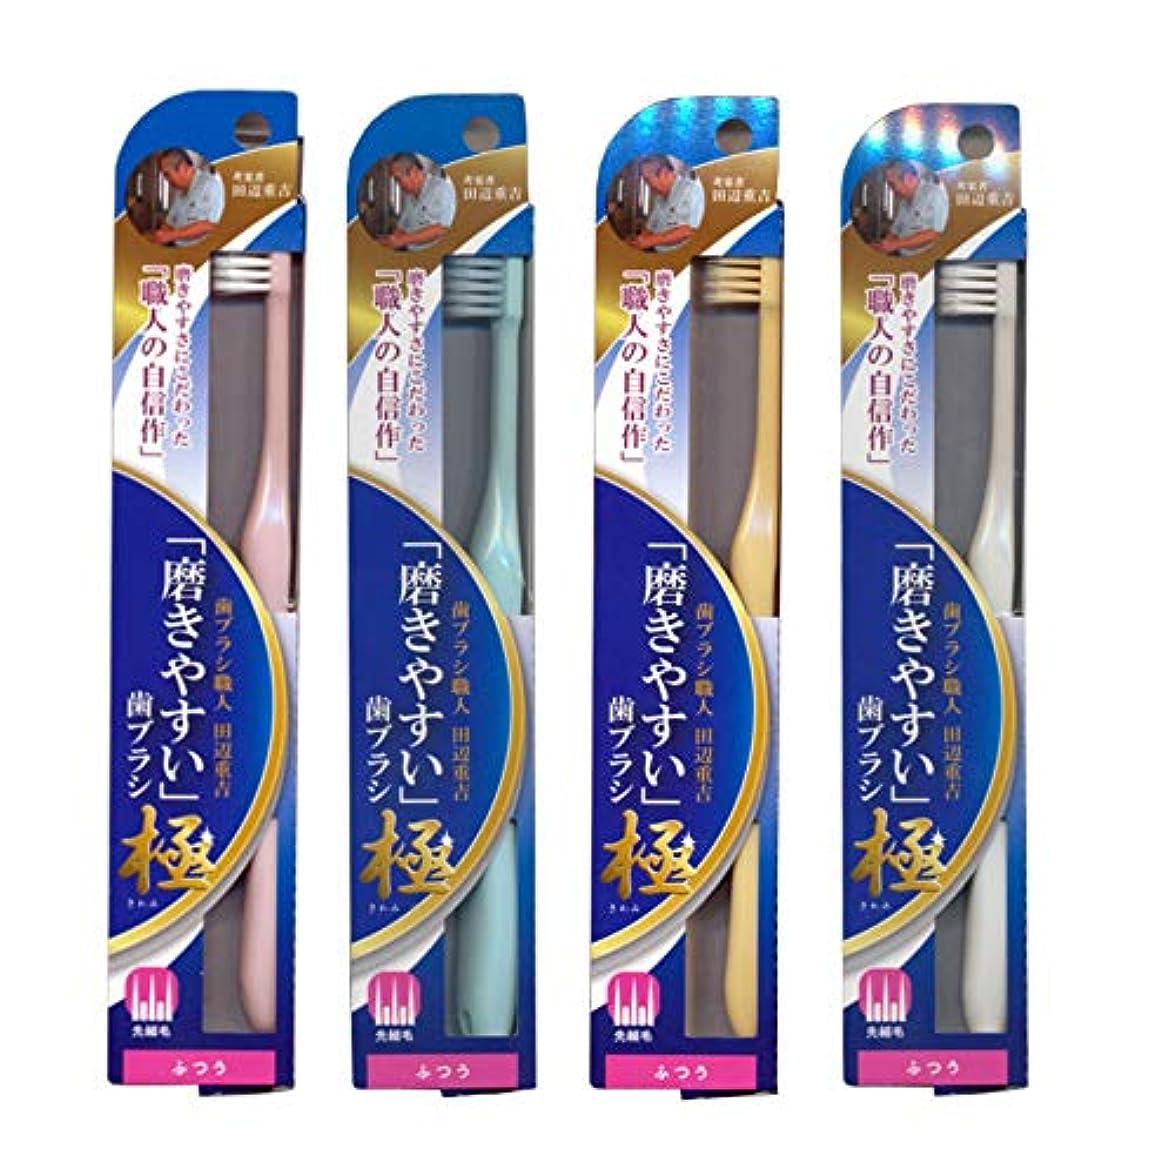 交響曲軽蔑する沼地磨きやすい歯ブラシ極 (ふつう) LT-44×4本セット(ピンク×1、ブルー×1、ホワイト×1、イエロー×1)先細毛